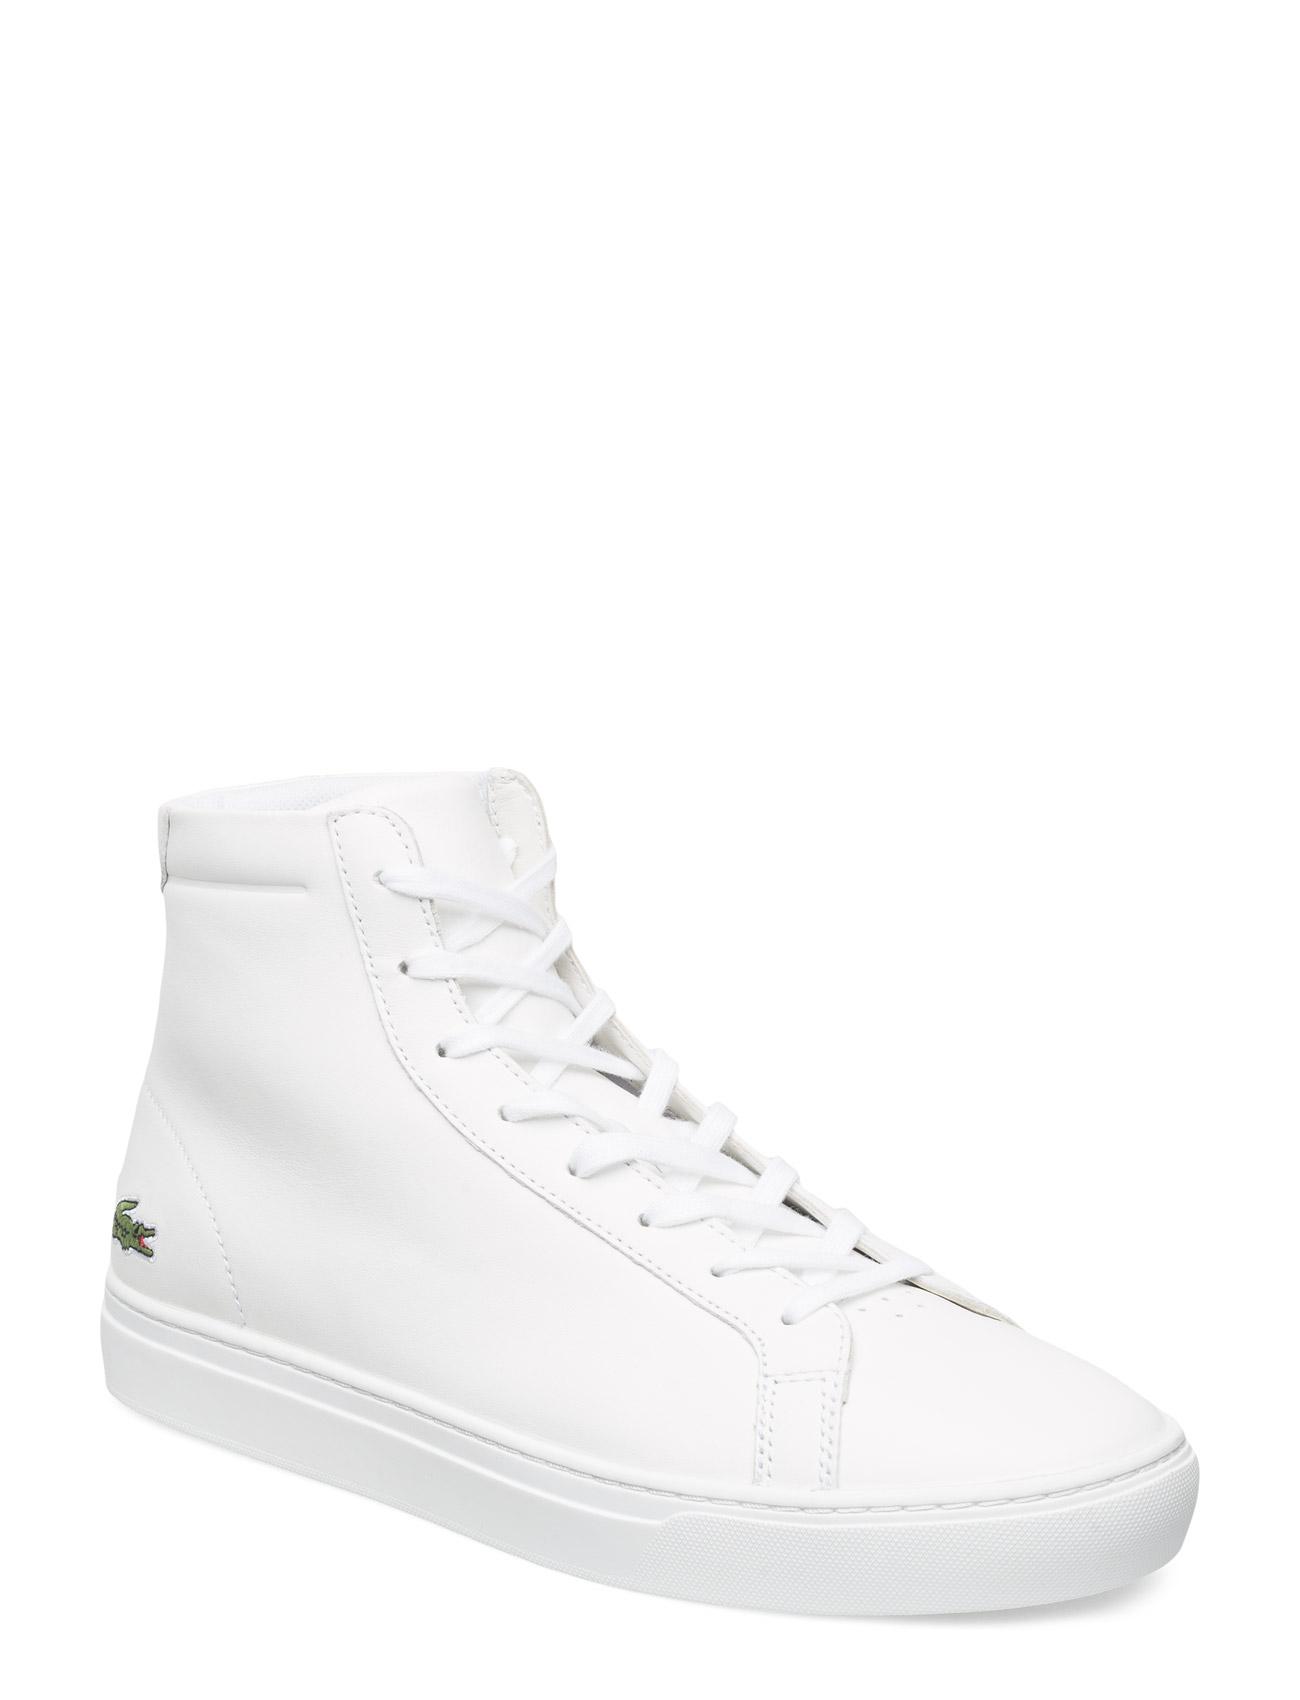 ac04d6f57673 Lacoste Shoes L.12.12 Mid 316 1 (Wht Lth)